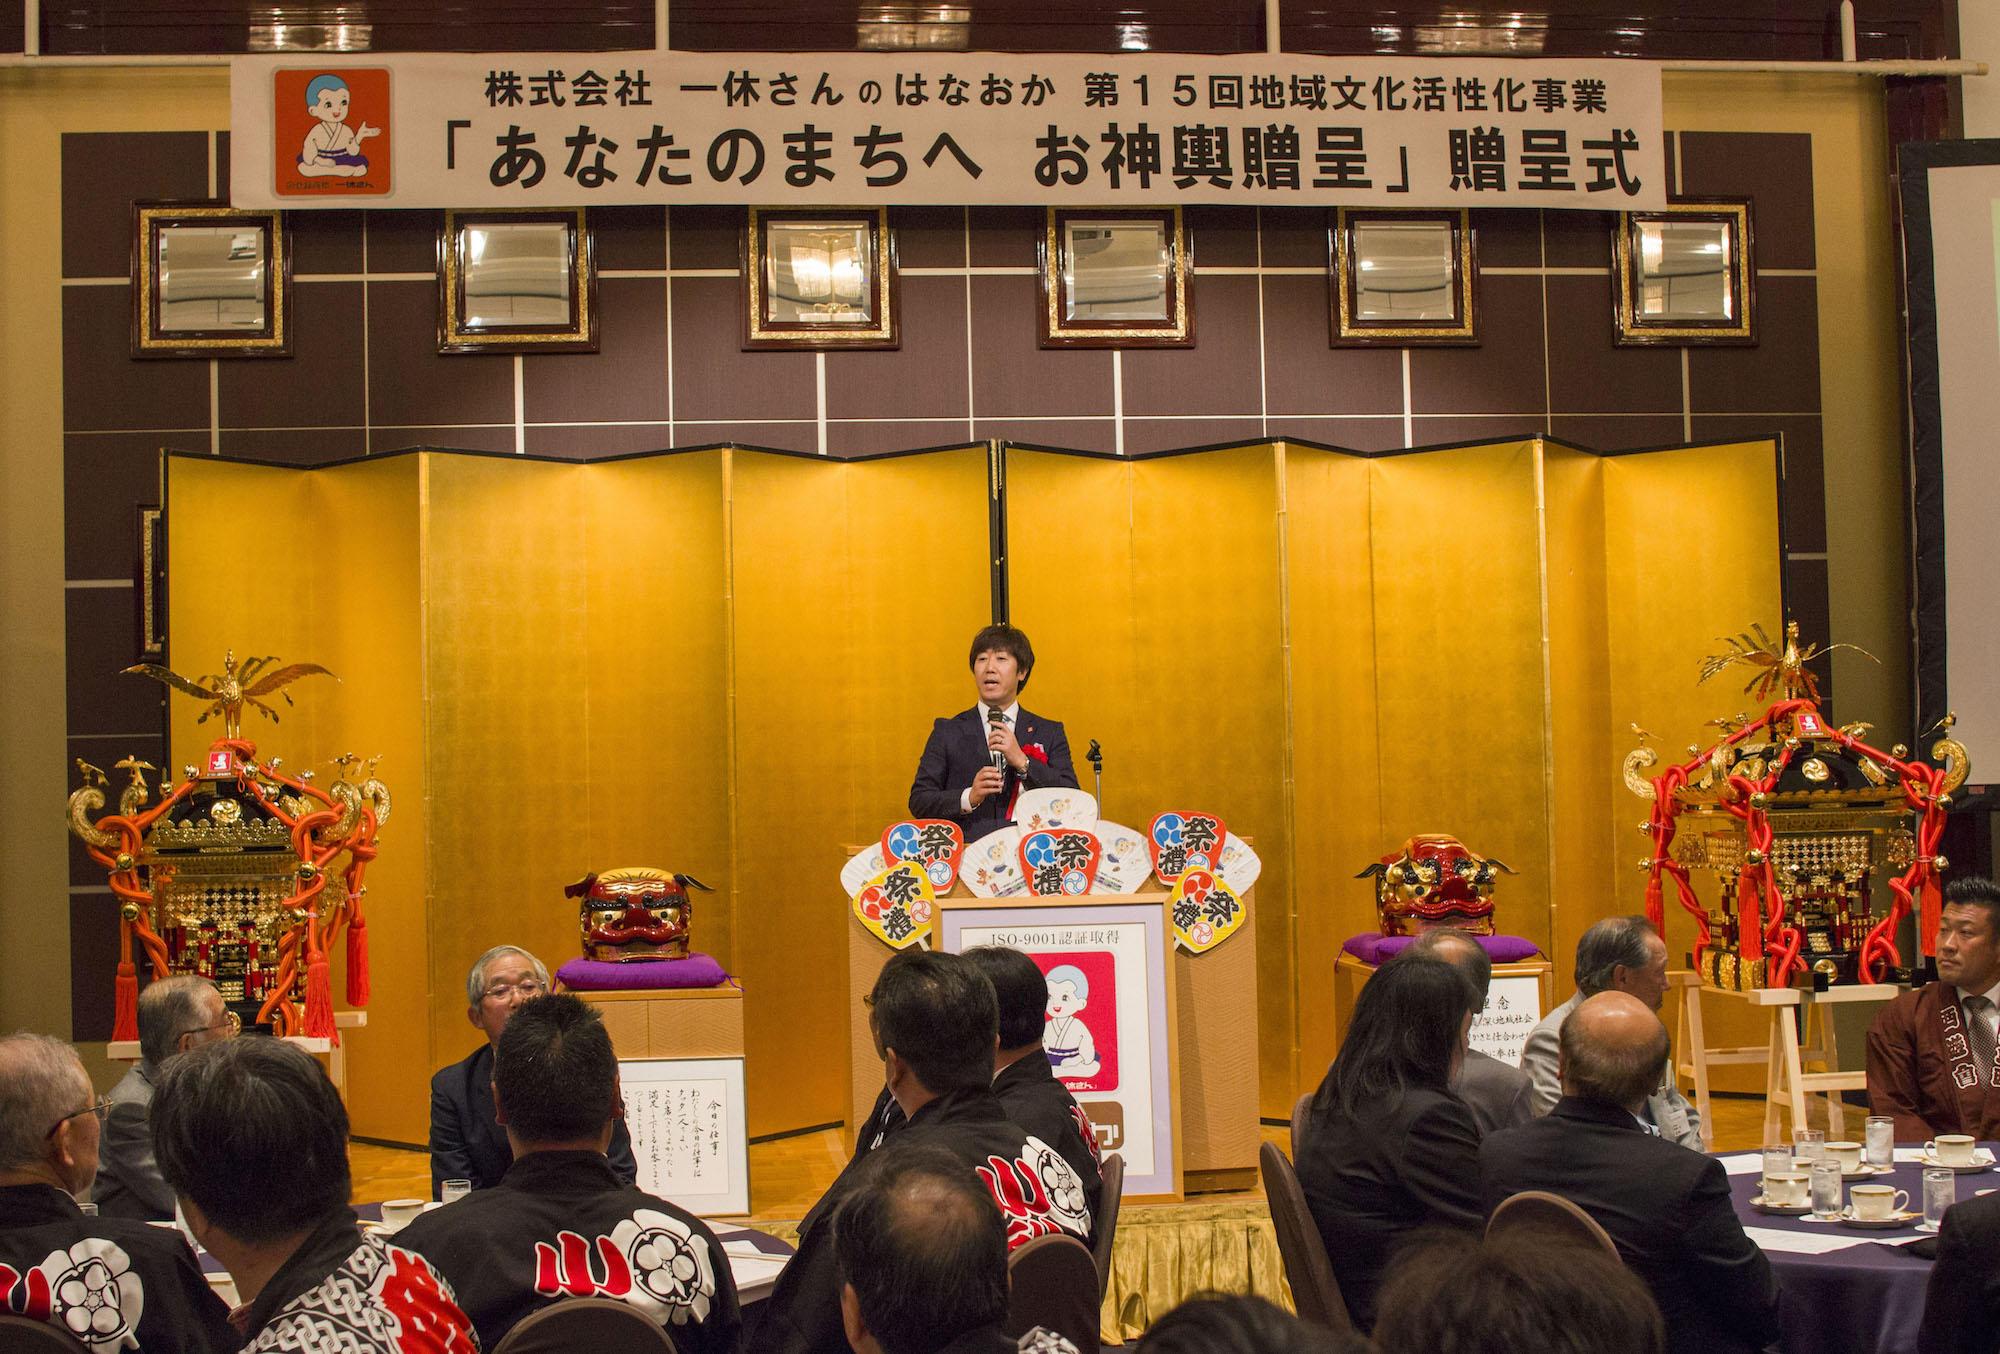 株式会社一休さんのはなおか代表取締役社長花岡宏樹より開会のご挨拶